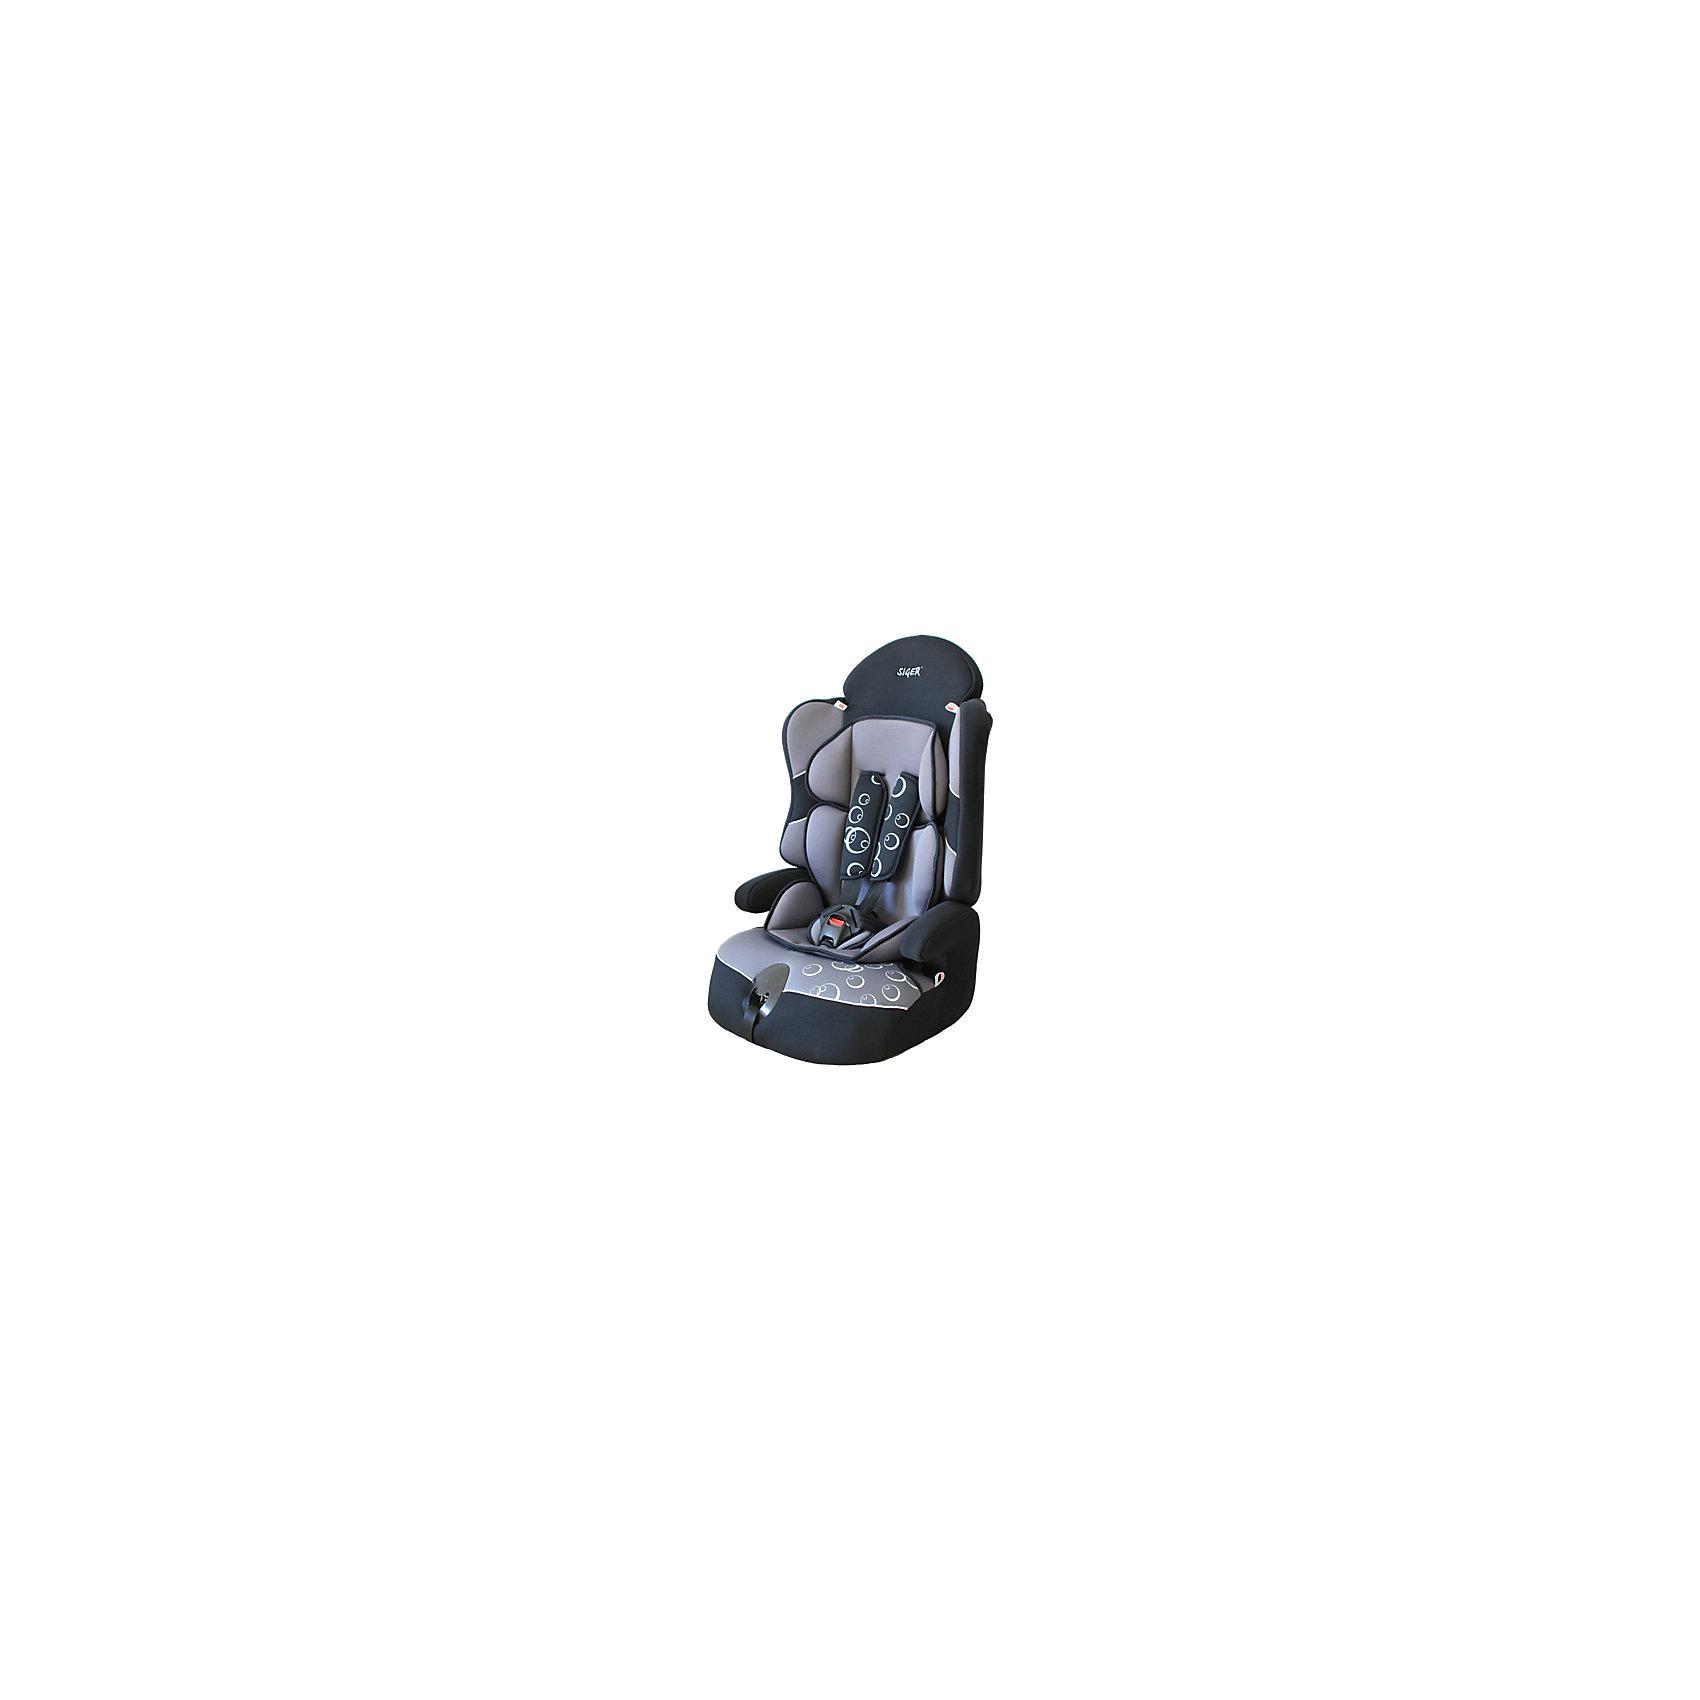 Автокресло Siger Драйв, 9-36 кг, серыйГруппа 1-2-3 (От 9 до 36 кг)<br>Автокресло Драйв - прекрасный вариант для поездок и путешествий на автомобиле. Ортопедическая спинка, уникальная форма подголовника и  регулировка плечевых лямок по высоте обеспечивают комфорт и безопасность во время езды. Двухпозиционная регулировка ремней по глубине, позволяет адаптировать их под зимнюю и летнюю одежду. Округлая форма сиденья предохраняет ножки малышей от затекания и натирания в процессе езды. Усовершенствованная форма спинки обеспечивает безошибочное прохождения ремня безопасности. Уникальная система крепления позволит быстро и надежно установить кресло в автомобиль, и «мягко» удержит ребенка в поворотах и при ДТП. Когда ваш ребенок подрастет, вы легко сможете трансформировать автокресло в удобный бустер. Модель изготовлена из высококачественных прочных материалов, имеет износостойкий внешний  чехол, который легко снимается для стирки. <br><br>Дополнительная информация:<br><br>- Материал: пластик, текстиль.<br>- Вес ребенка: 9-36 кг. ( 1-12 лет).<br>- Группа 1-2-3.<br>- Ширина посадочного места: 48 см.<br>- Глубина посадочного места: 42 см,<br>- Высота кресла: 58<br>- Вес кресла: 4,8 кг.<br>- Регулировка ремней и плечевых лямок.<br>- 5- титочечные ремни безопасности.<br>- Ортопедическая спинка.<br>- Трансформируется в бустер.<br>- Цвет: серый. <br>- Стирка: ручная, машинная ( при 30 ? ).<br>- Способ установки: лицом вперед.<br><br>Автокресло Драйв, 9-36 кг., Siger (Сигер), серое, можно купить в нашем магазине.<br><br>Ширина мм: 585<br>Глубина мм: 450<br>Высота мм: 625<br>Вес г: 4800<br>Возраст от месяцев: 12<br>Возраст до месяцев: 144<br>Пол: Унисекс<br>Возраст: Детский<br>SKU: 3999707